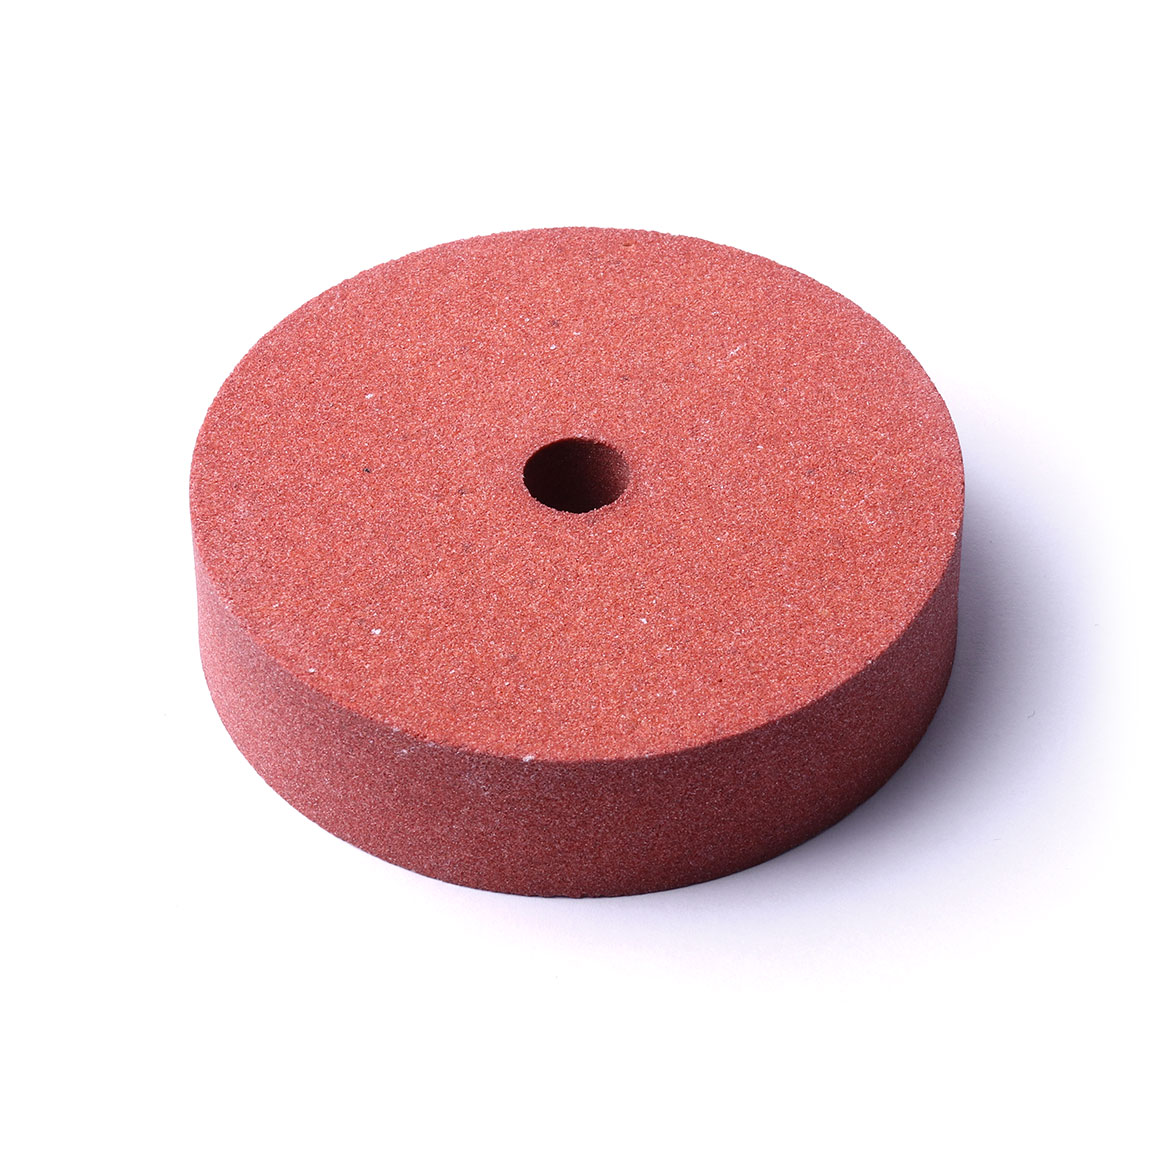 1 Pcs Grinding Wheel Abrasive Disc Polishing Metal Stone